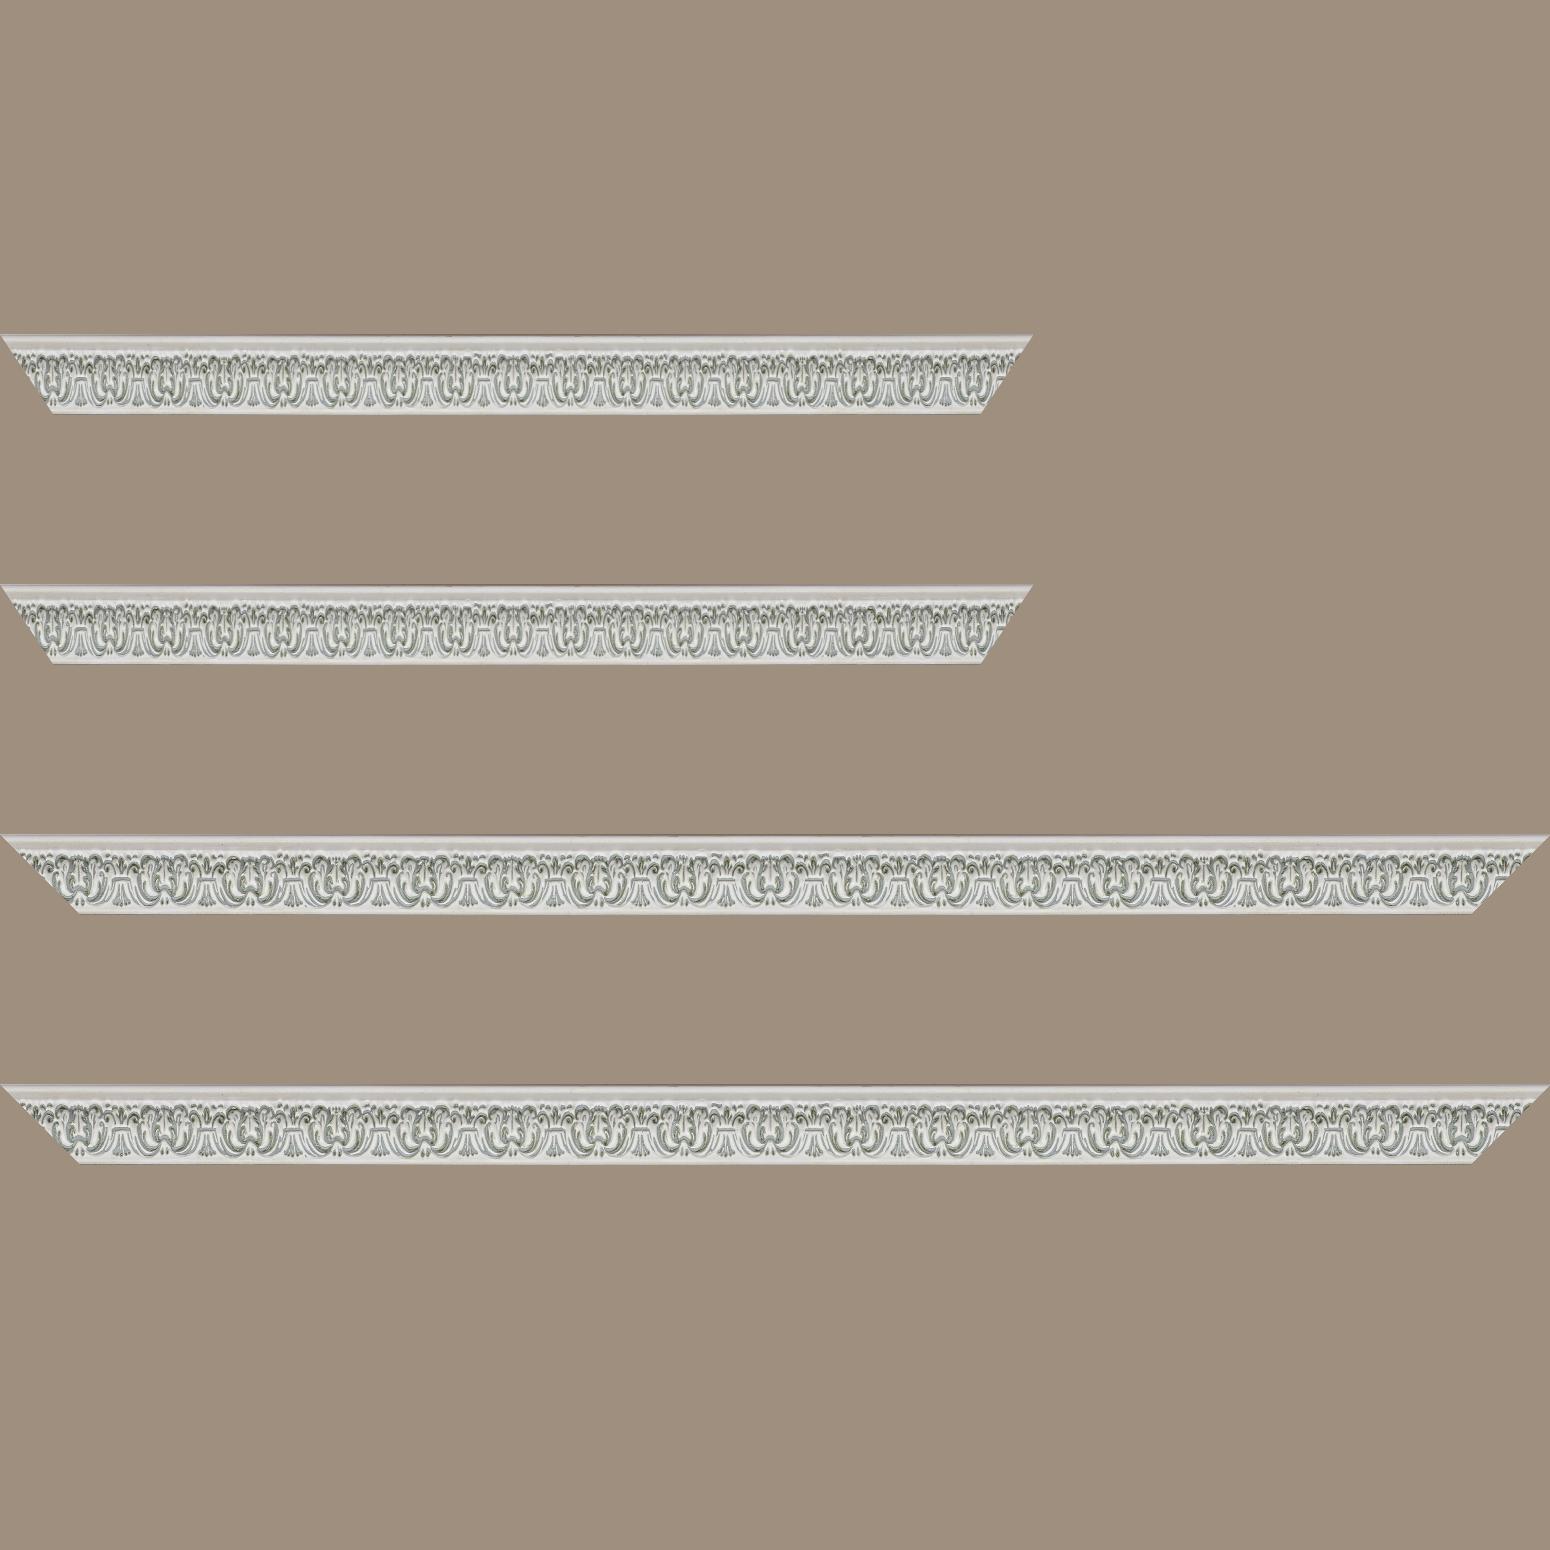 Baguette service précoupé Bois profil incurvé largeur 2.6cm couleur vert pale en relief sur fond blanchie